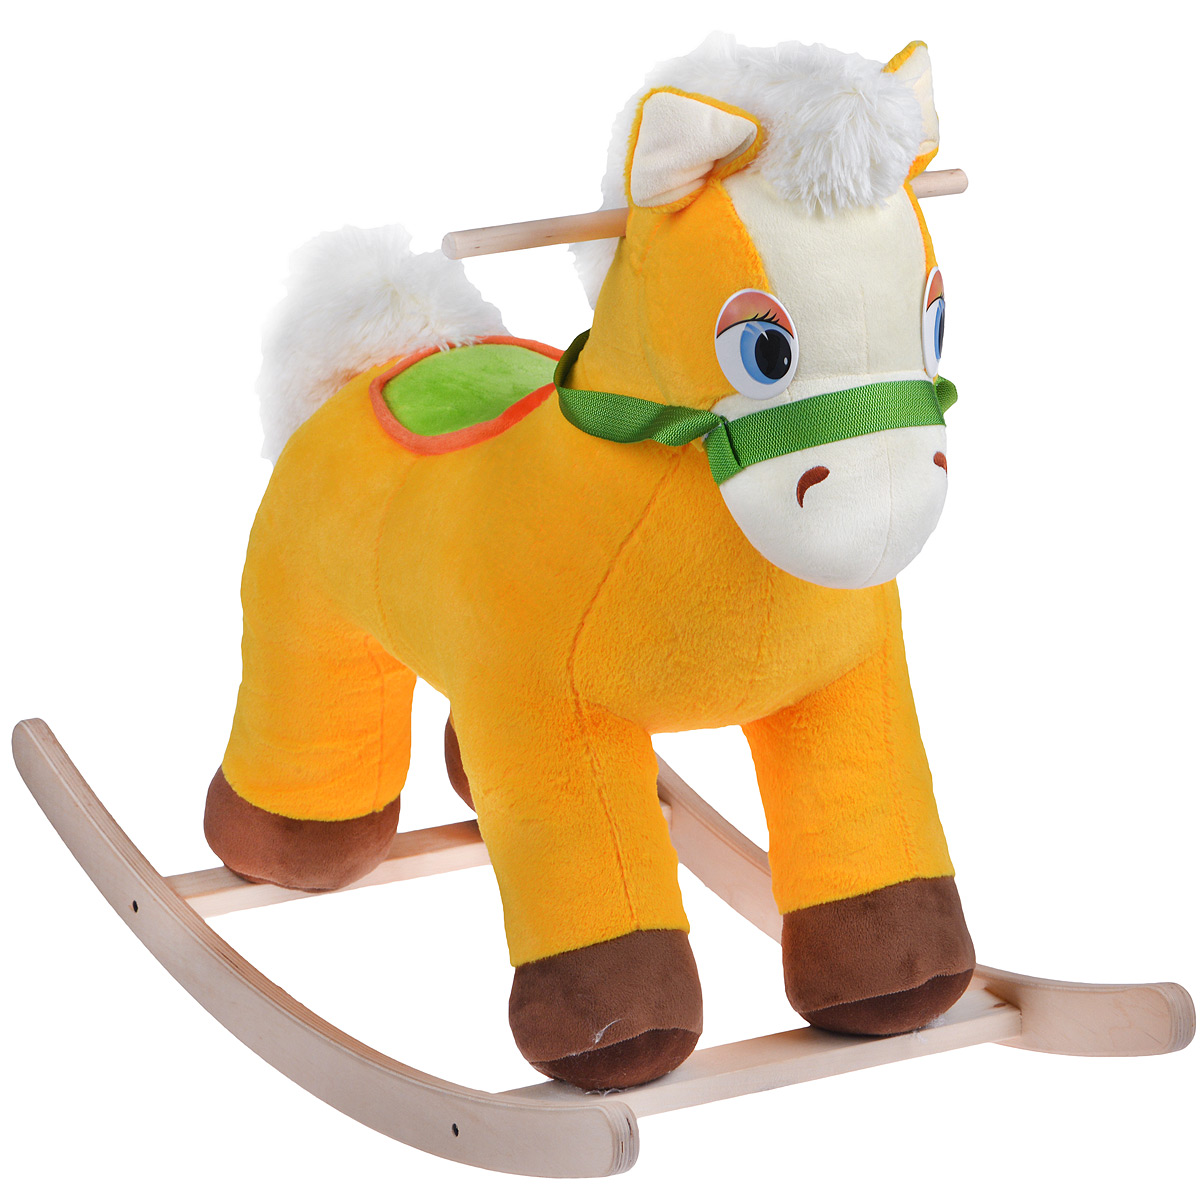 Качалка Fancy  Коник Риччи , цвет: желтый, белый, салатовый - Ходунки, прыгунки, качалки